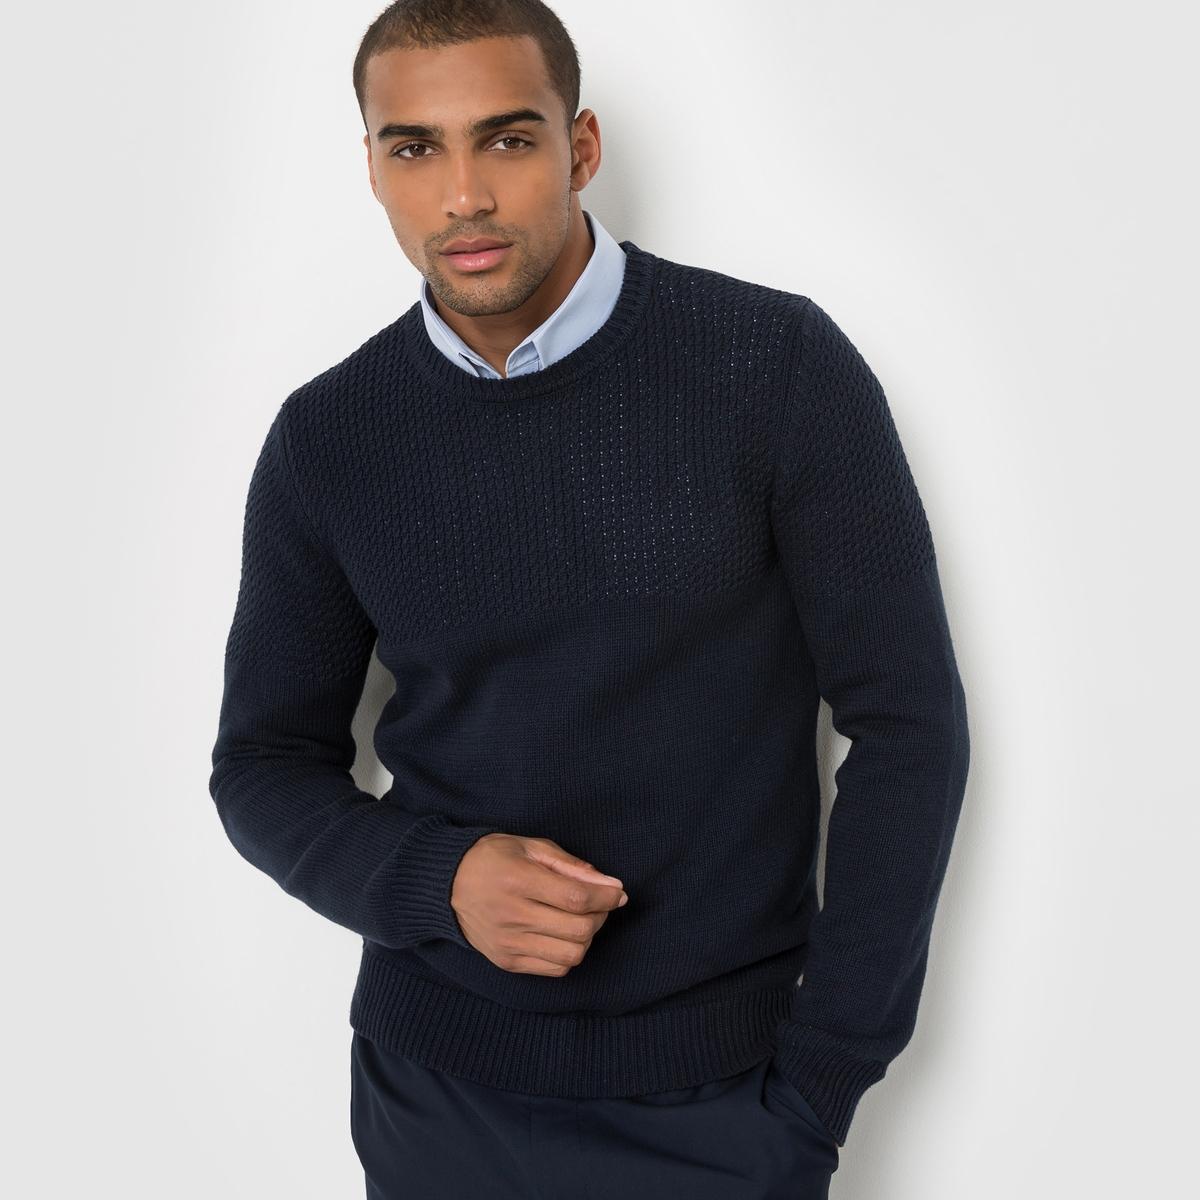 Пуловер с круглым вырезом с оригинальным узоромСостав &amp; Детали :Основной материал : 100% хлопокДлина : 68 см.Марка :      R ?ditionУход : Машинная стирка при 40°, на деликатном режиме Стирать вместе с одеждой подобных цветовСтирать и гладить с изнаночной стороныСухая (химическая) чистка запрещена<br><br>Цвет: красный,темно-синий<br>Размер: M.S.XXL.L